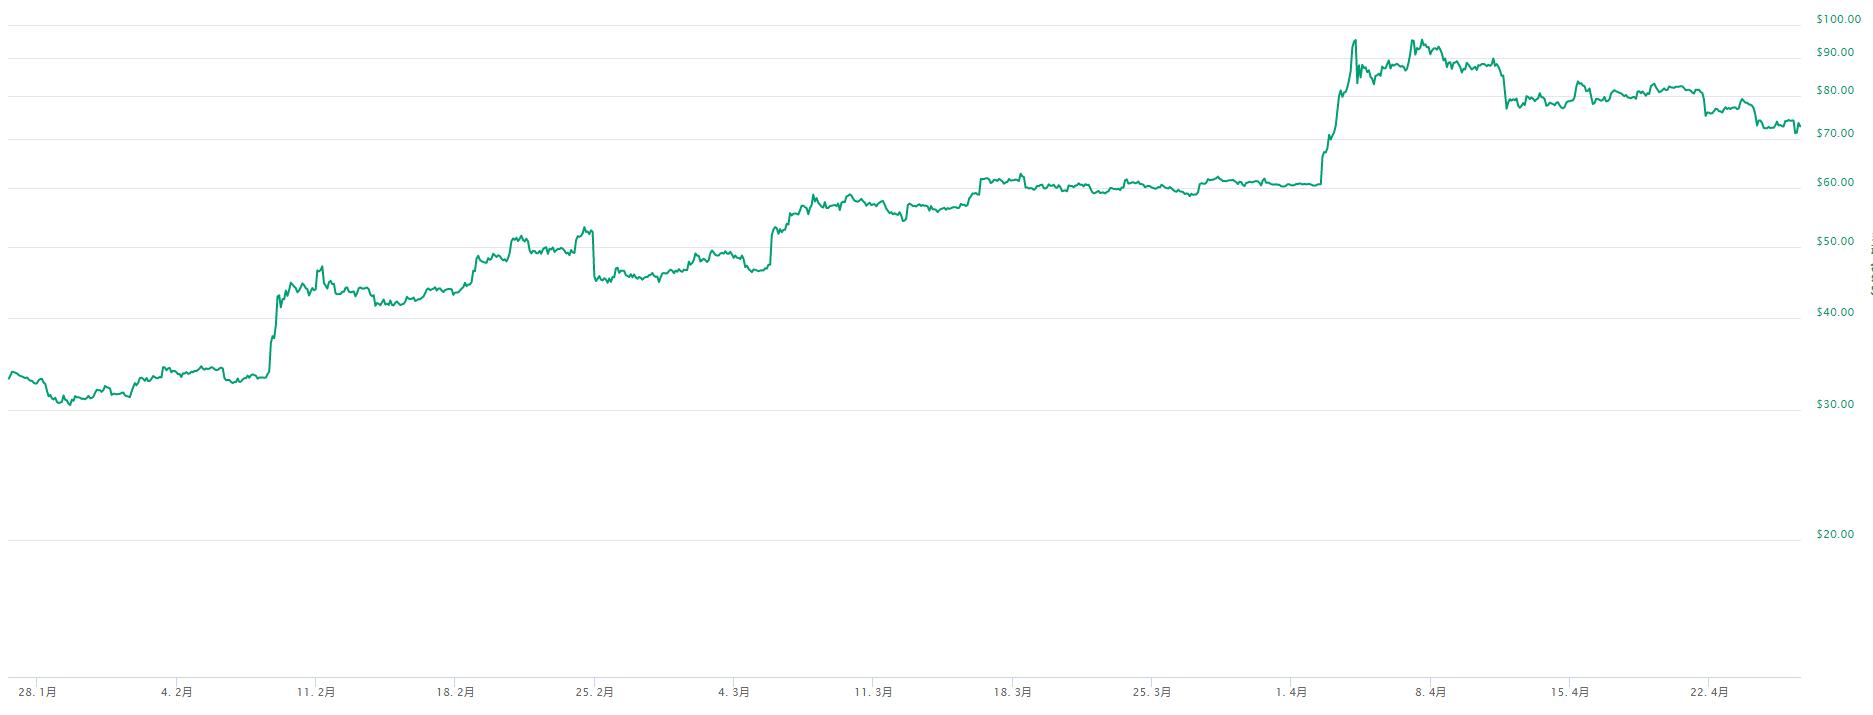 莱特币4月26日调整:算力下跌4.66%